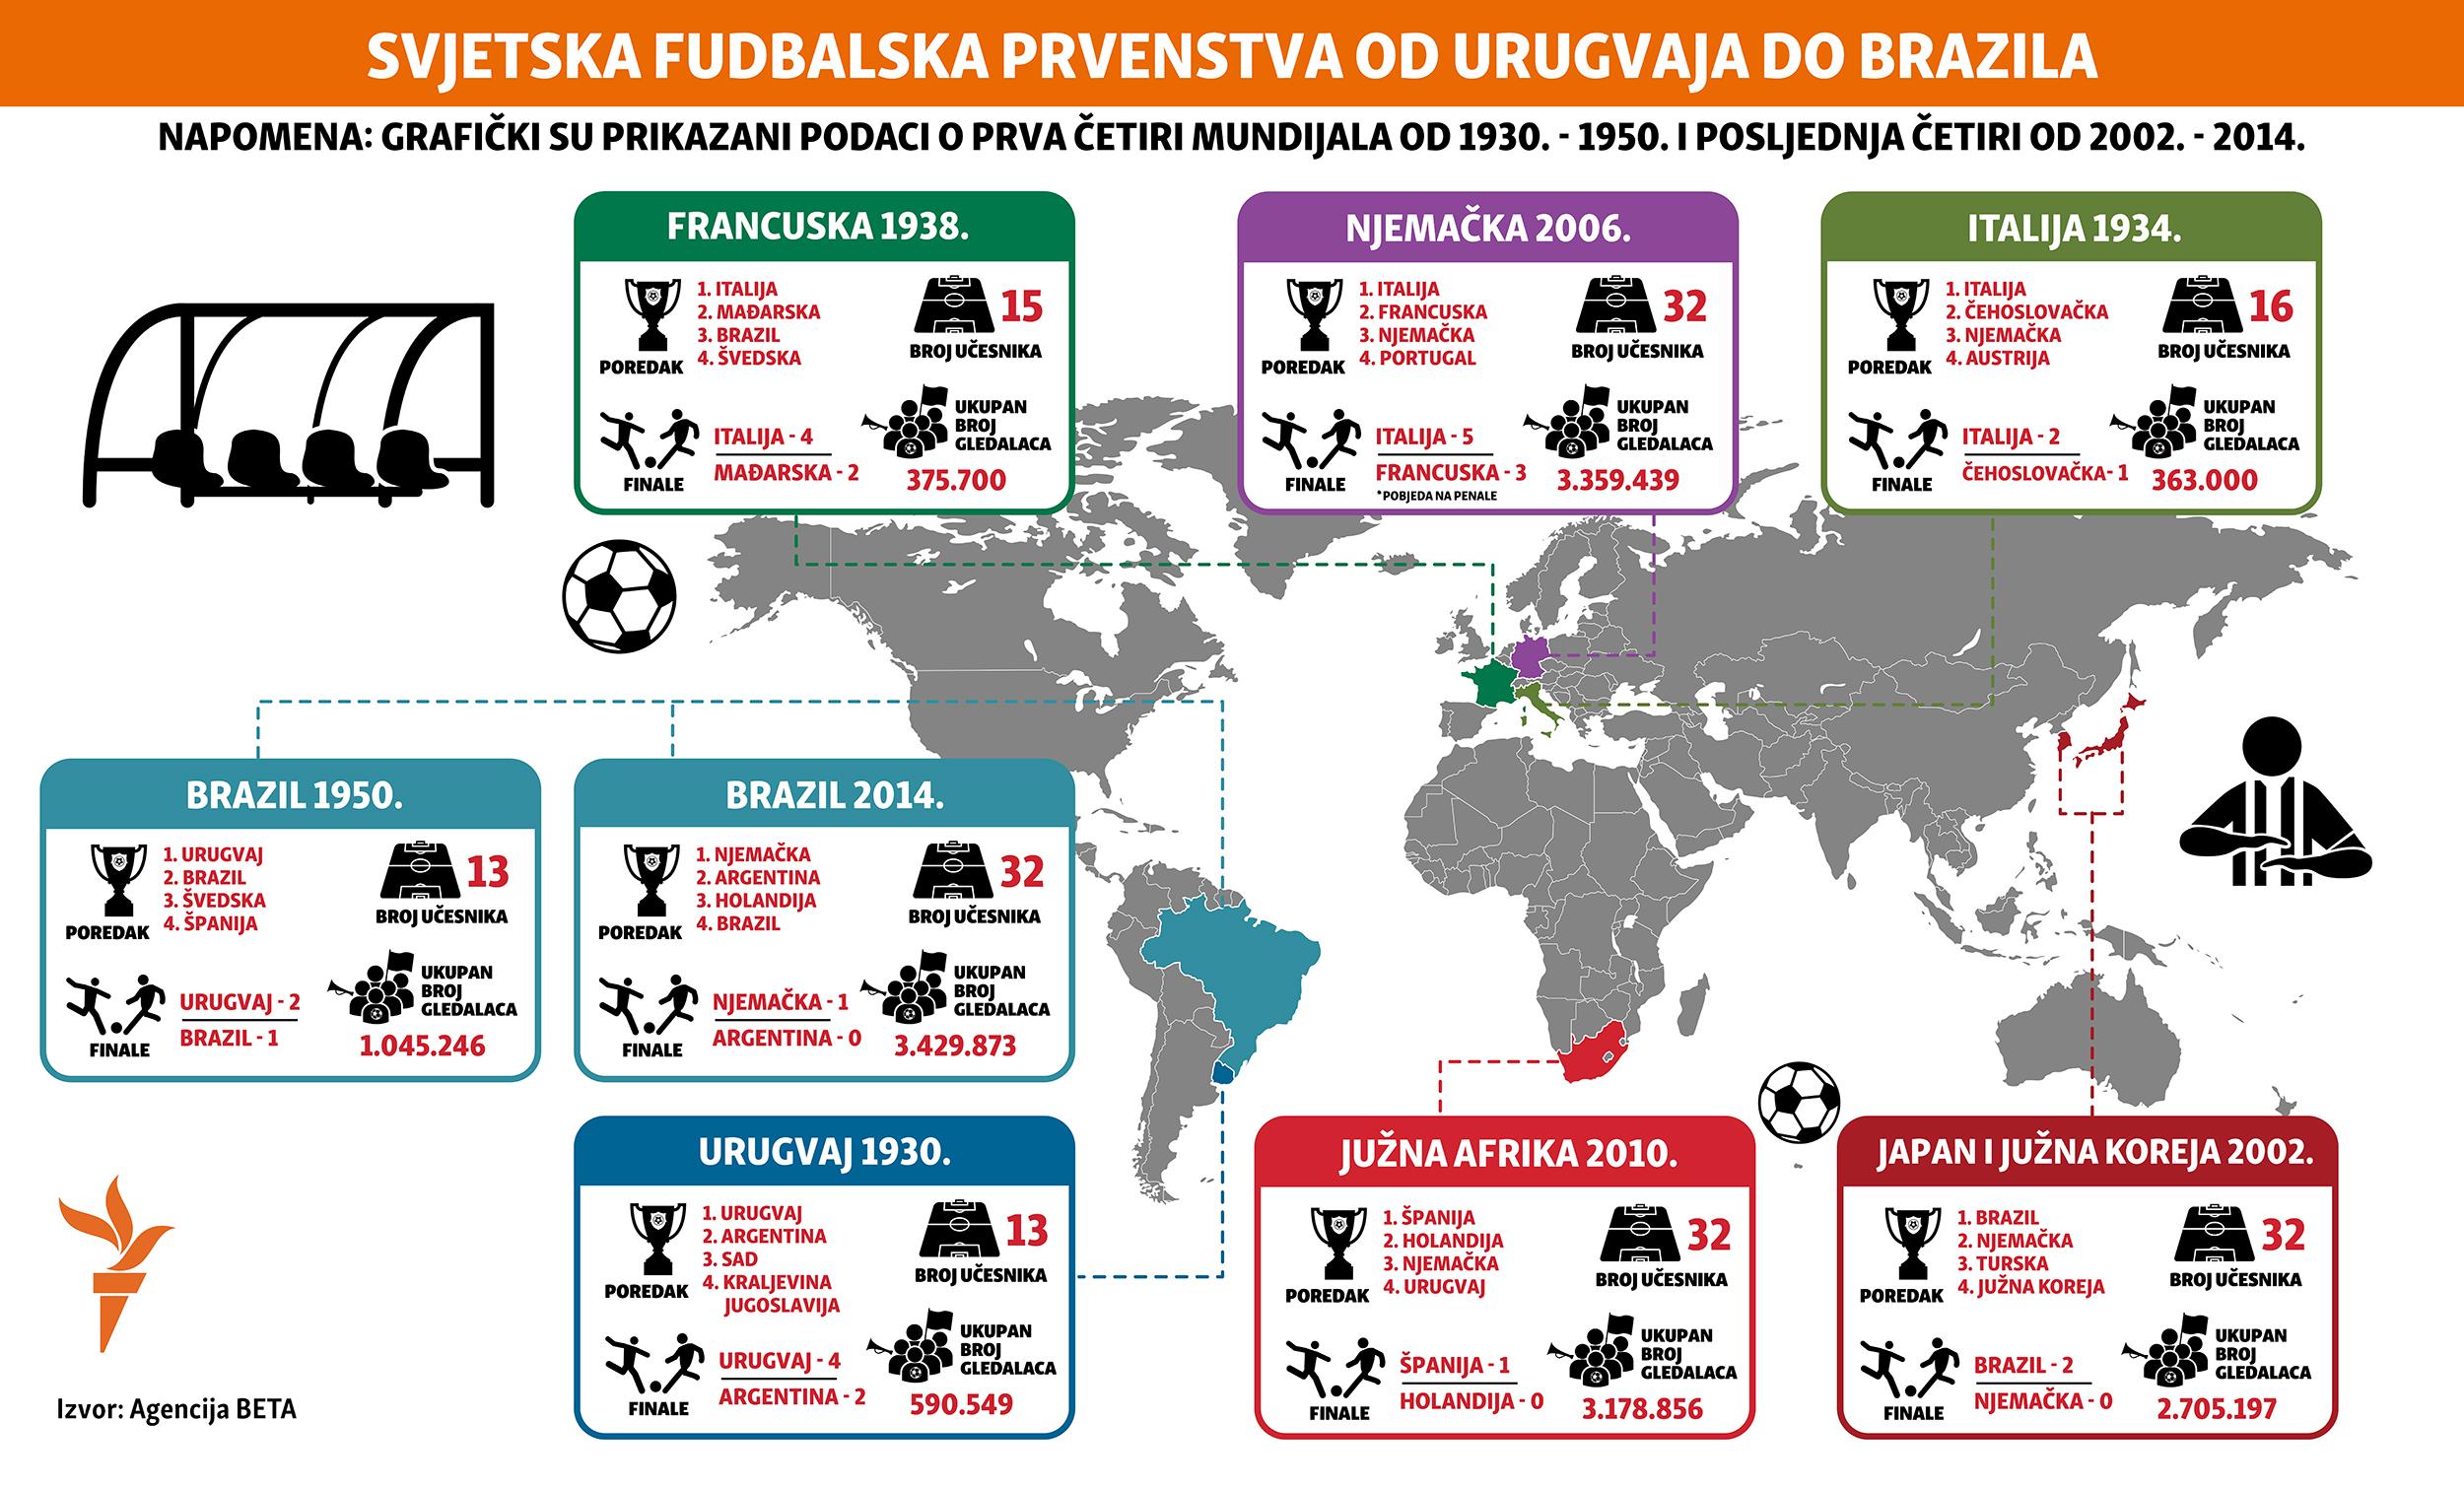 kratki istorijat svjetskih prvenstava u fudbalu